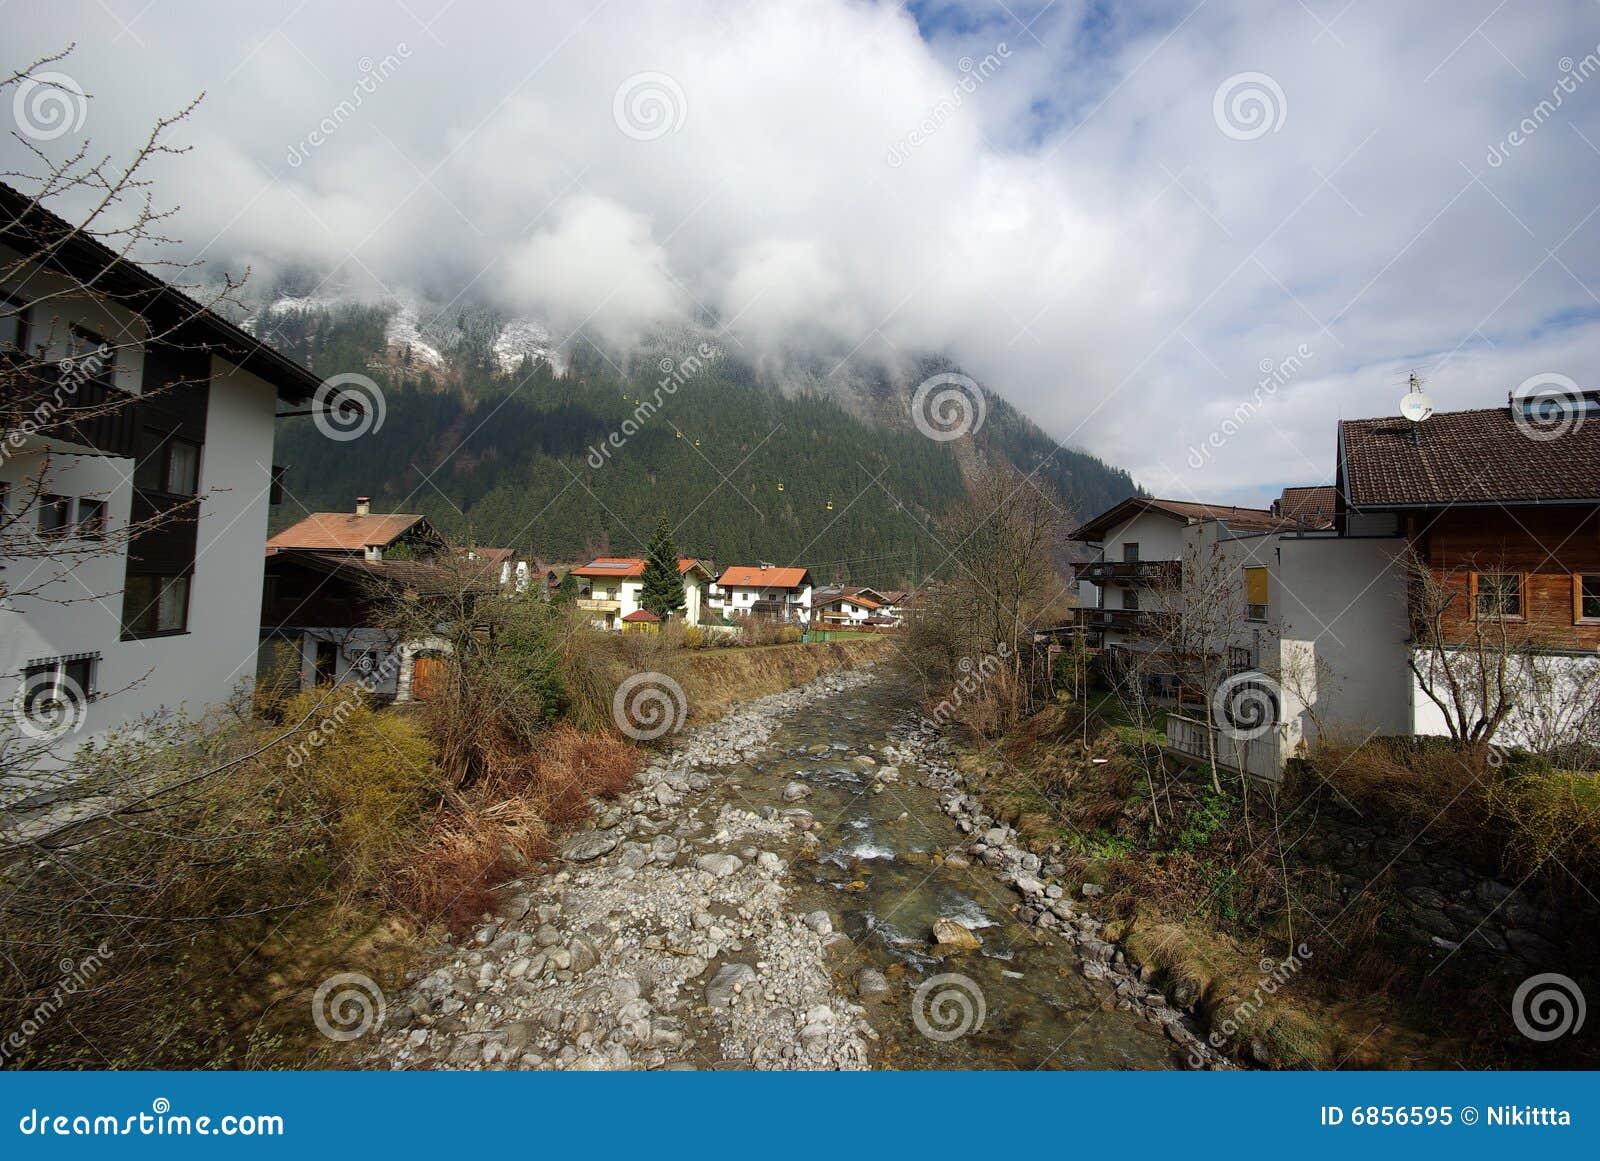 Австралия mayrhofen село лыжи курорта малое